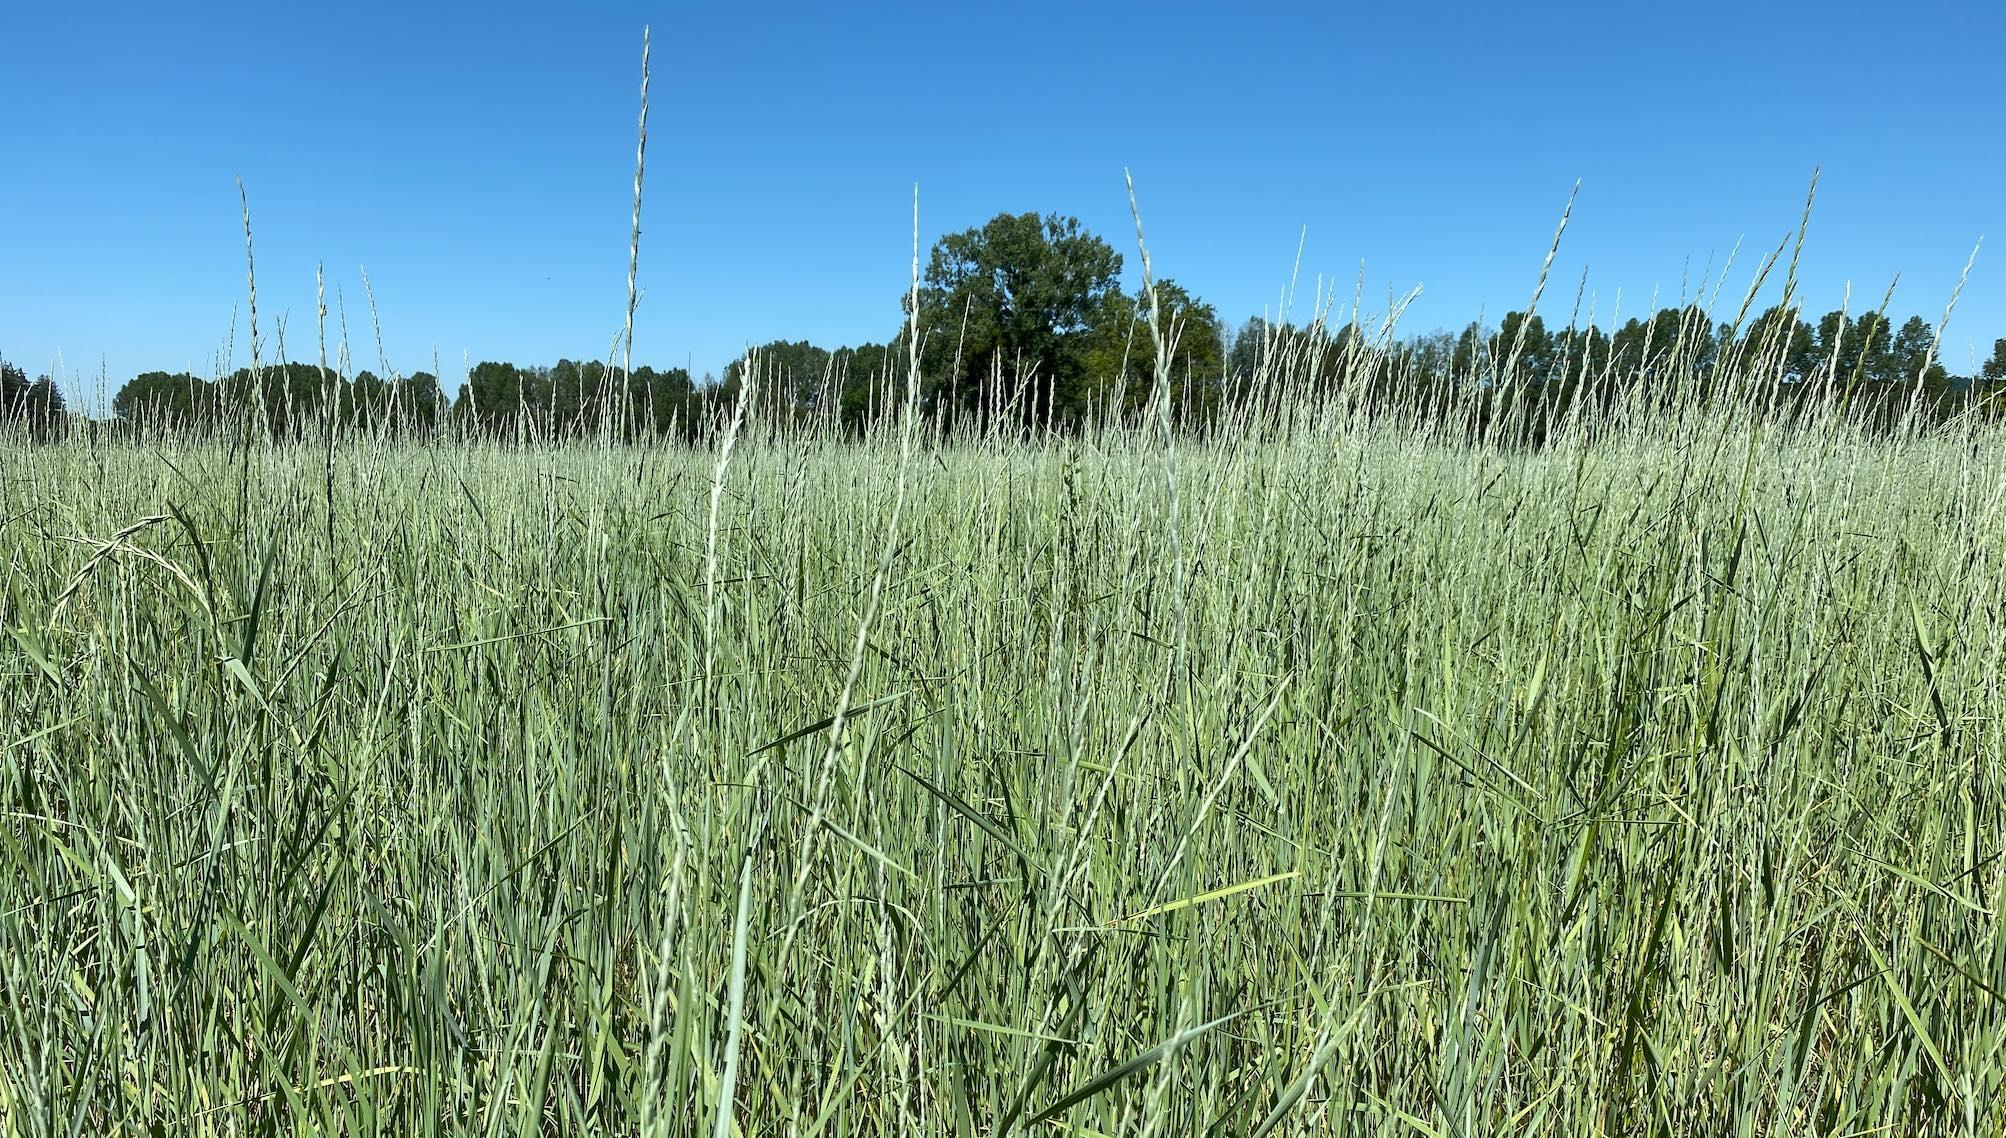 La céréale pérenne entre en production dès la première année et offrirait un optimum de rendement en grains les deuxième et troisième années